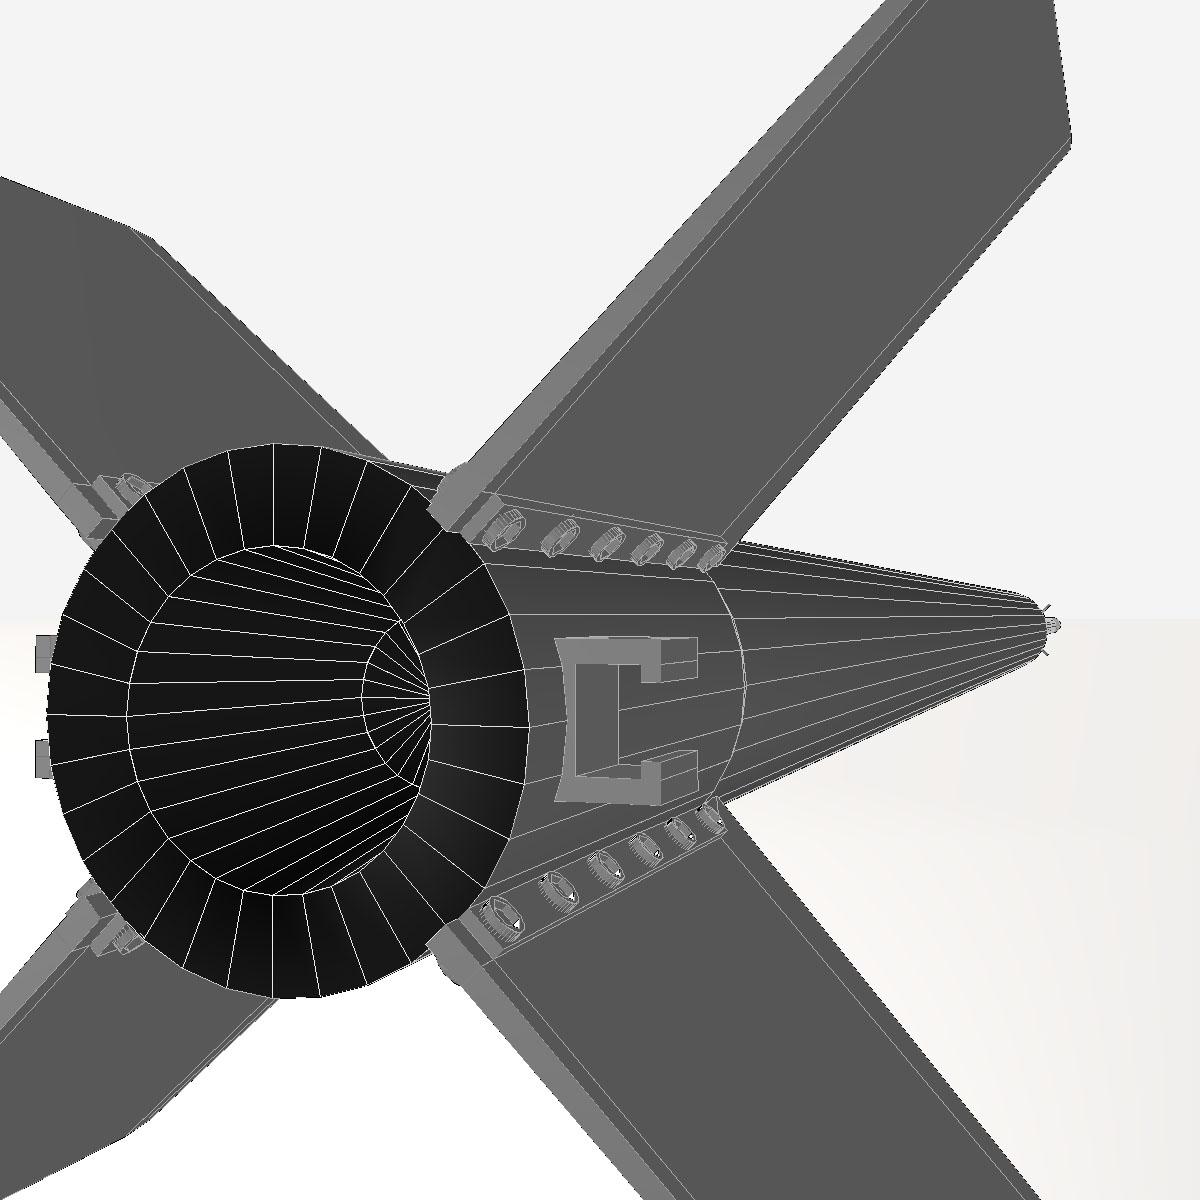 ni roced hopi dart 3d model 3ds dxf cob x obj 152658